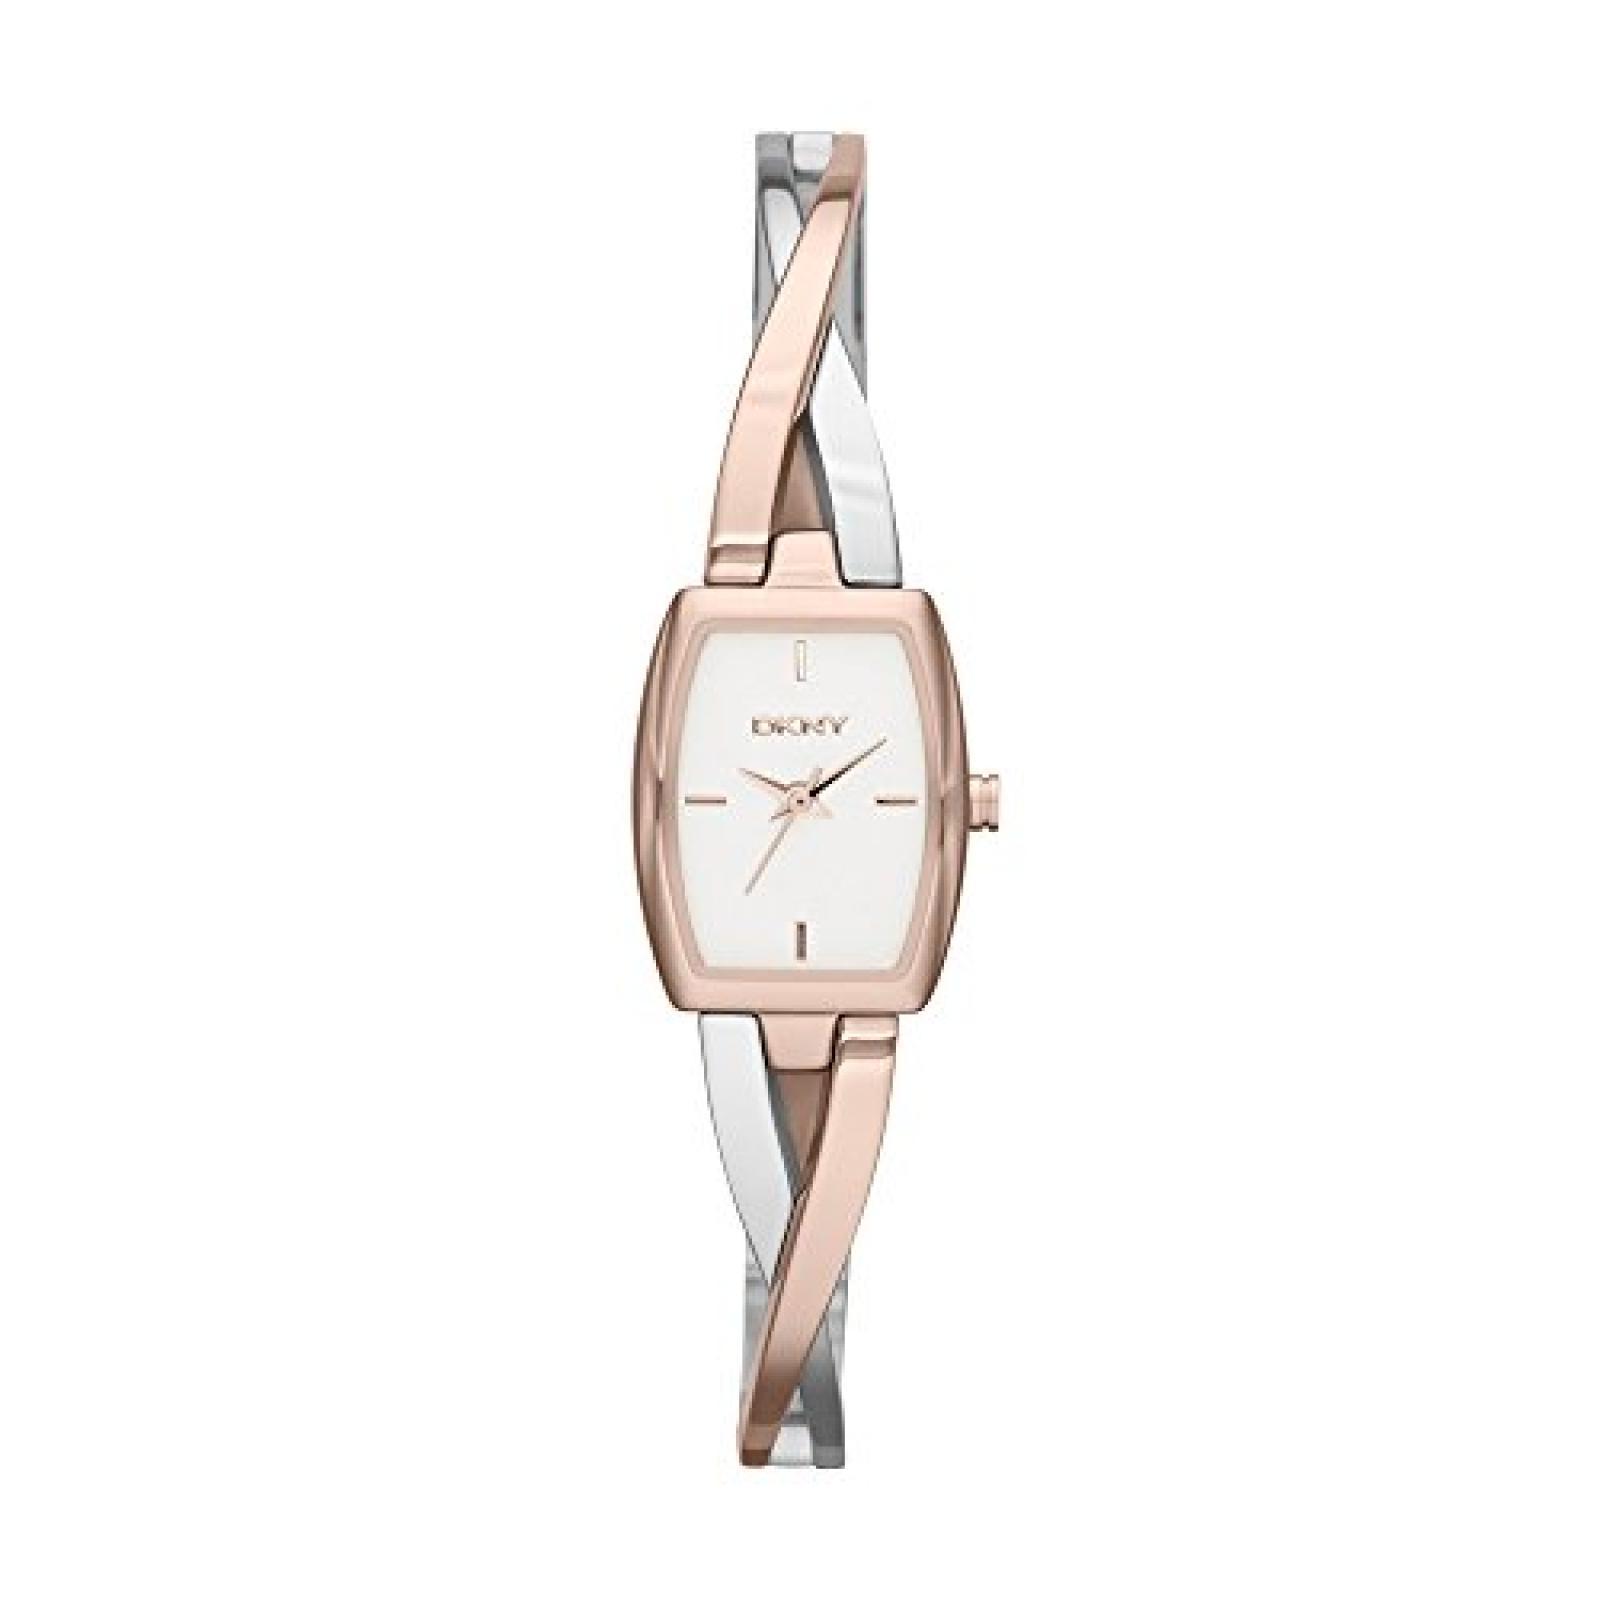 DKNY Damen-Armbanduhr XS Analog Quarz Edelstahl beschichtet NY2236